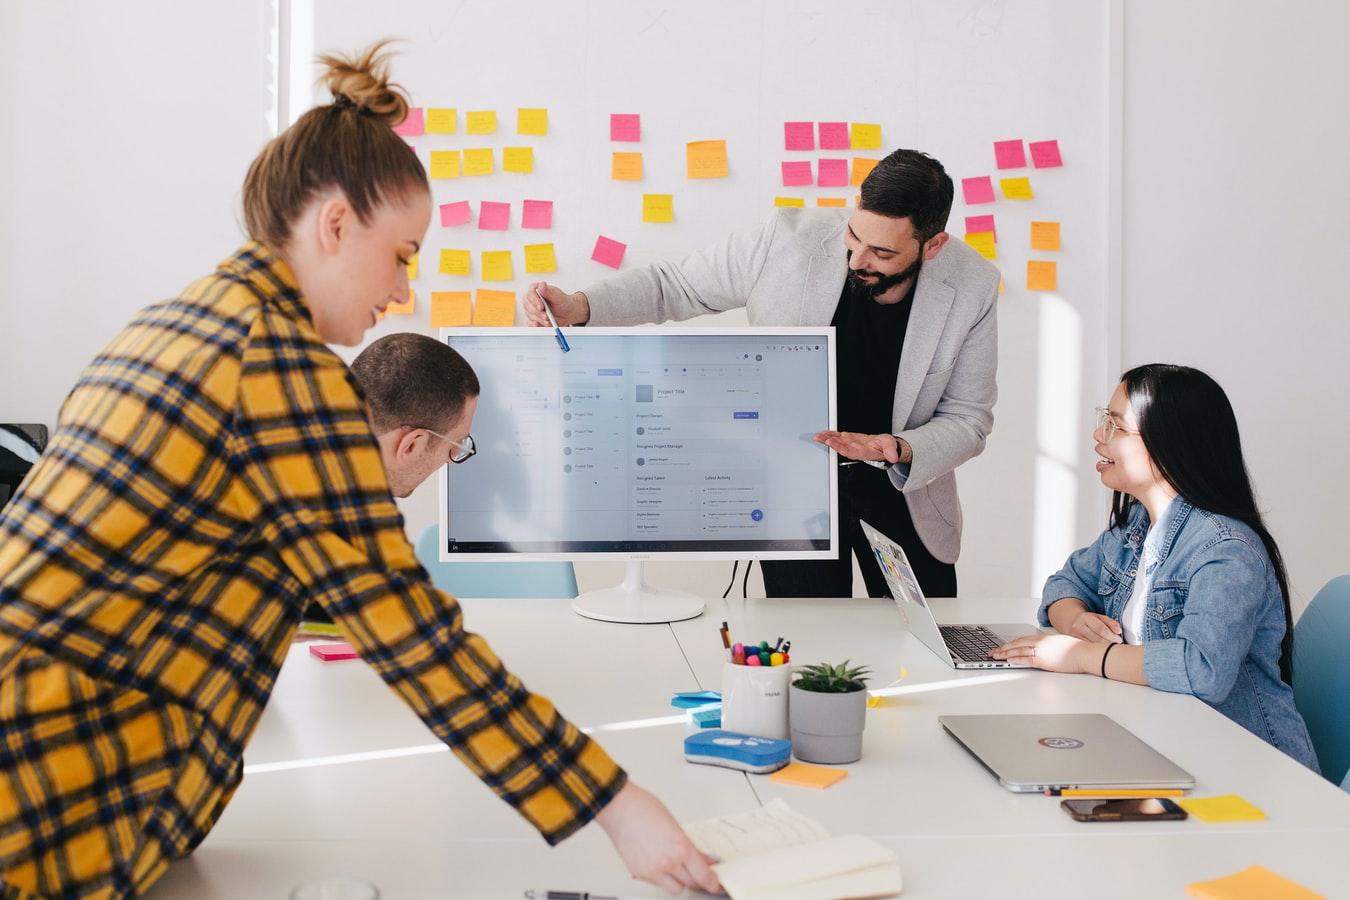 Funcionários de uma empresa reunidos para uma apresentação de pautas.